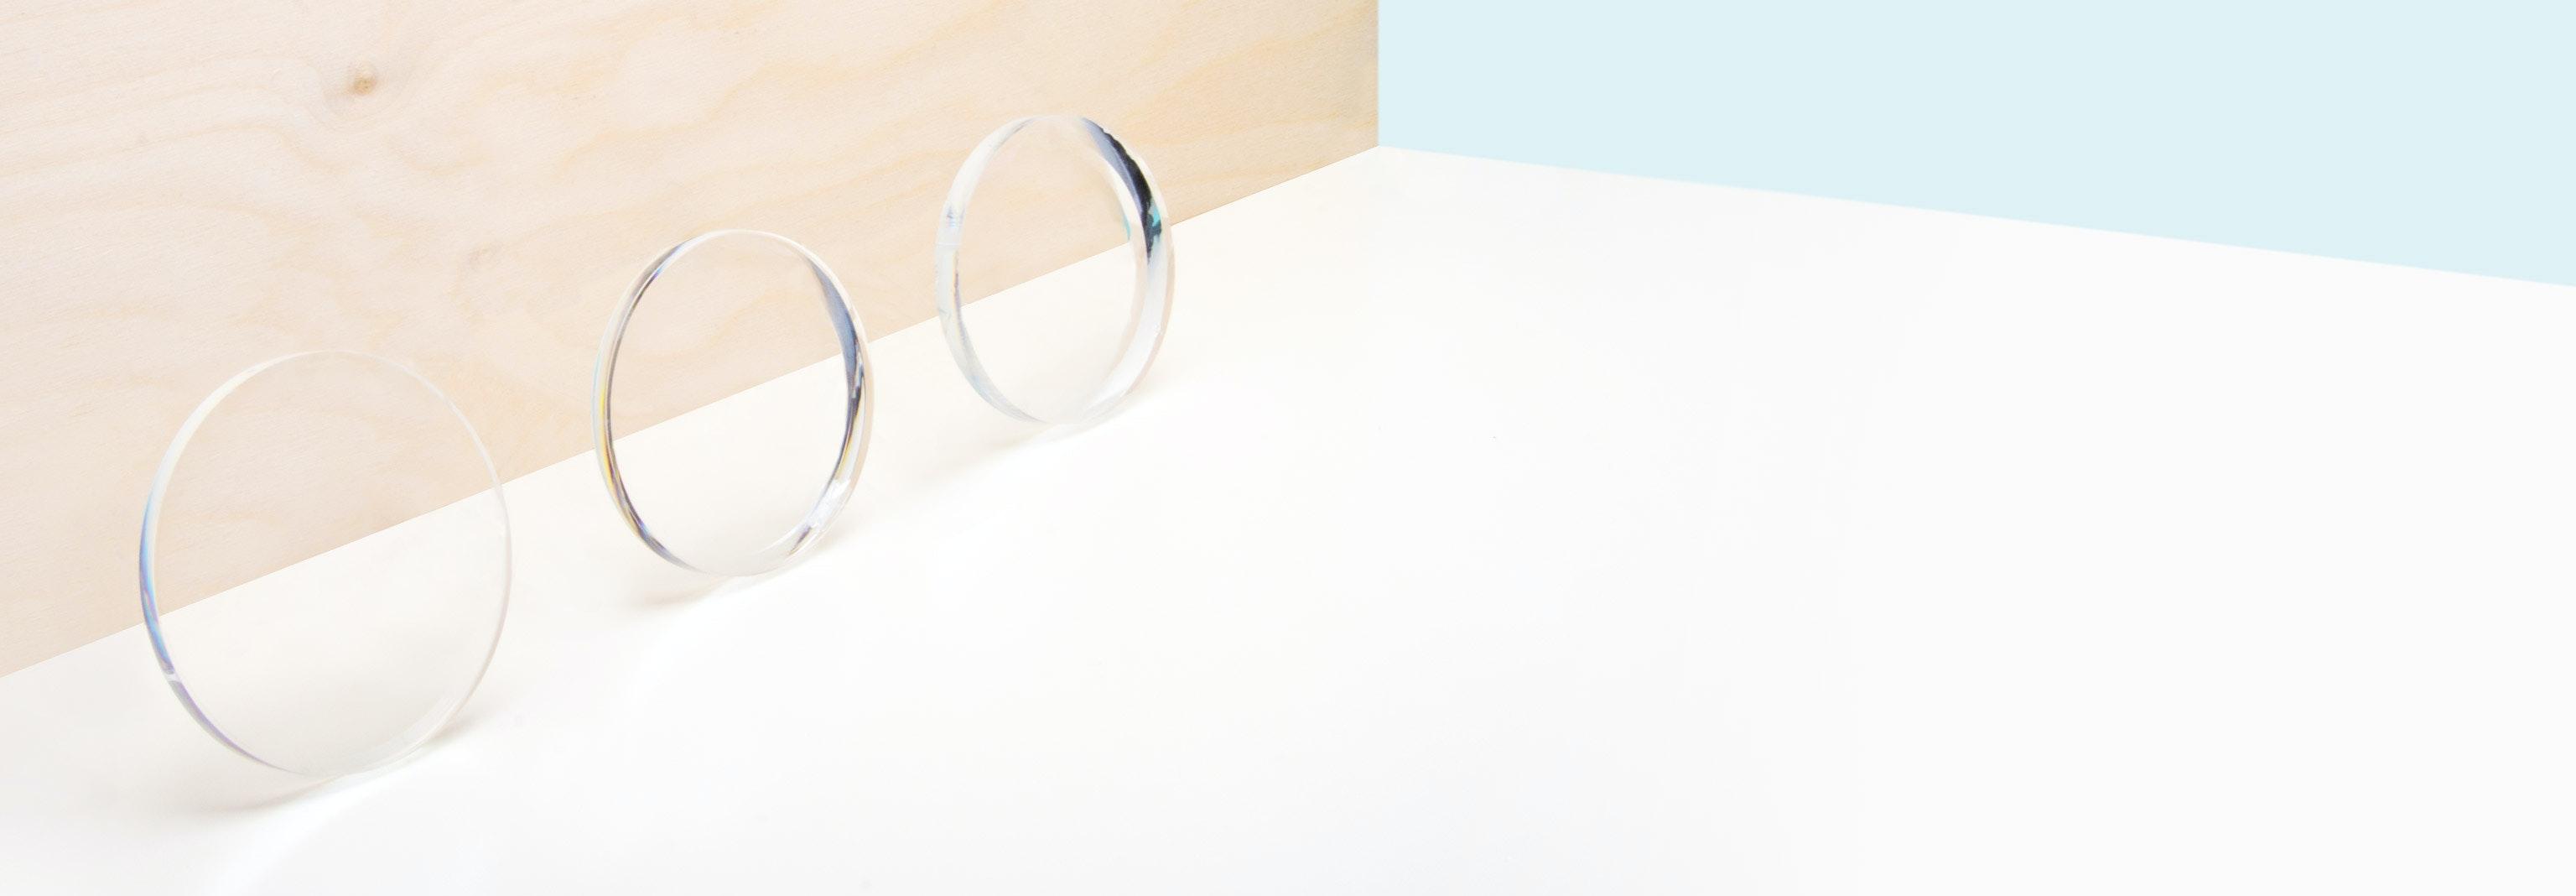 lenses banner